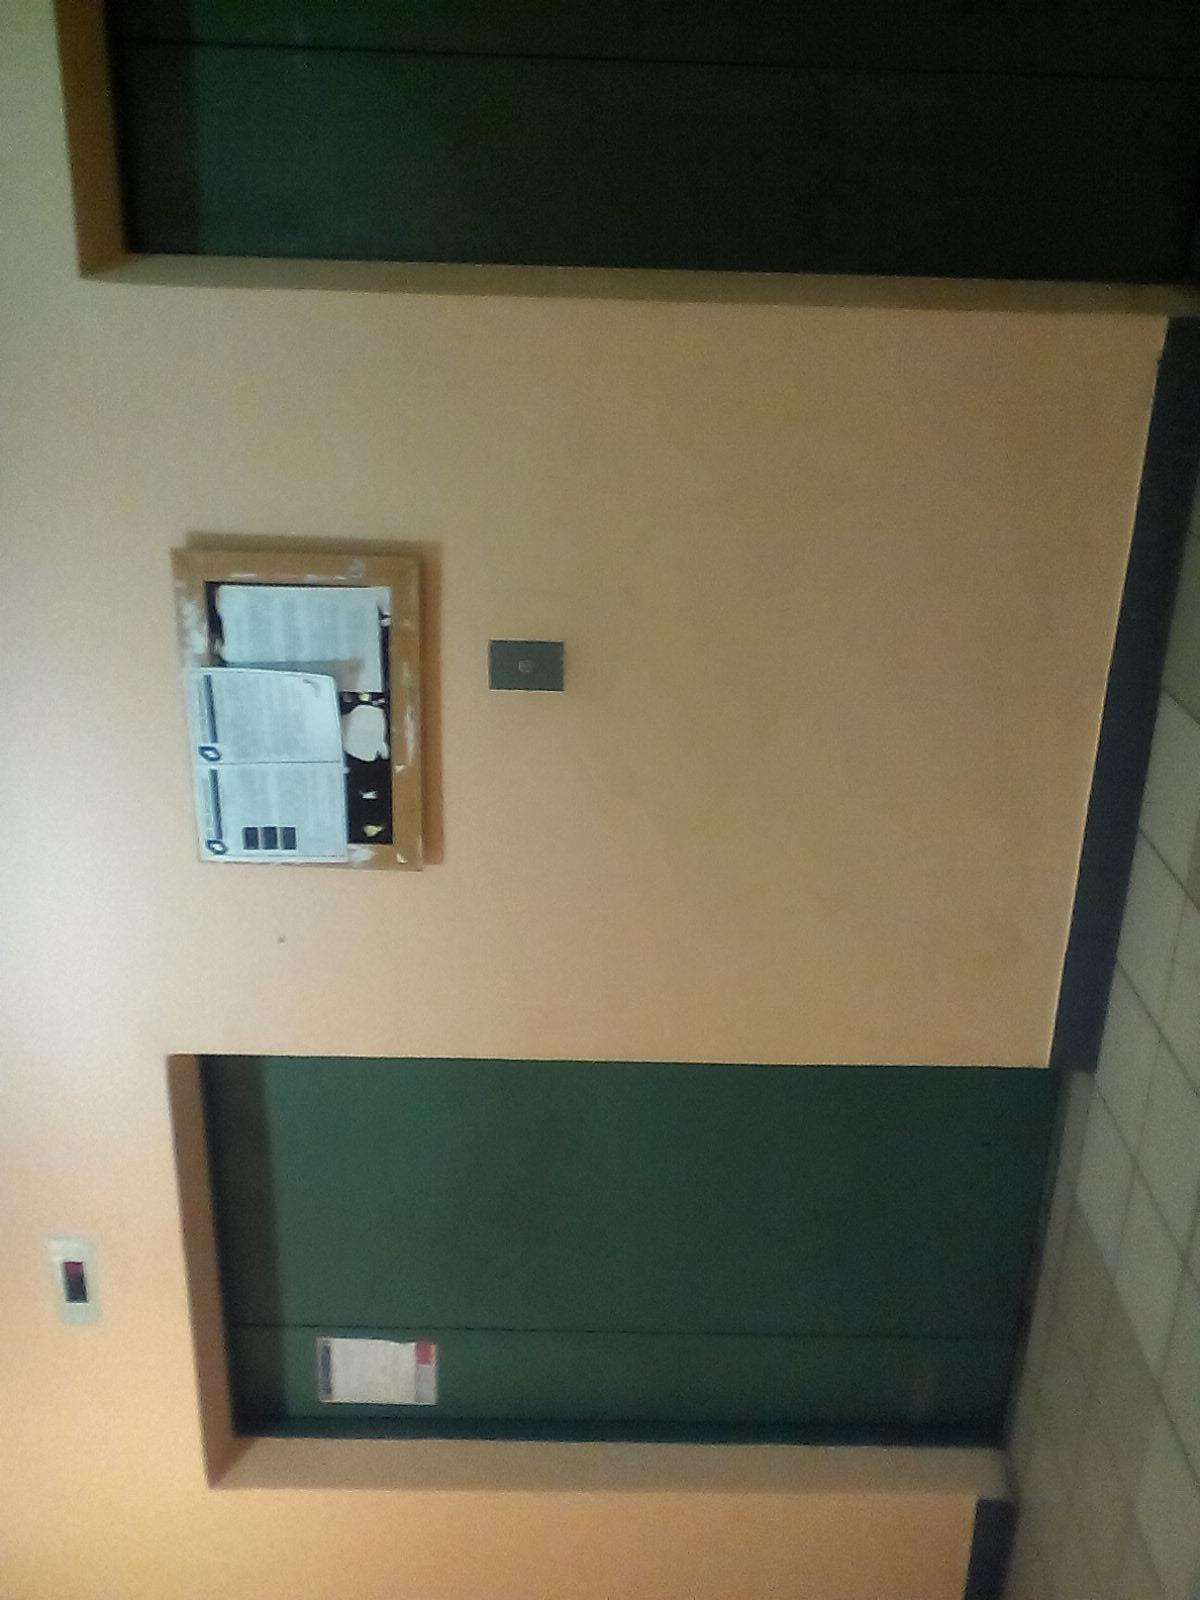 Продажа квартир: 3-комнатная квартира, Московская область, Долгопрудный, мкр. Хлебниково, Госпитальная ул., фото 1